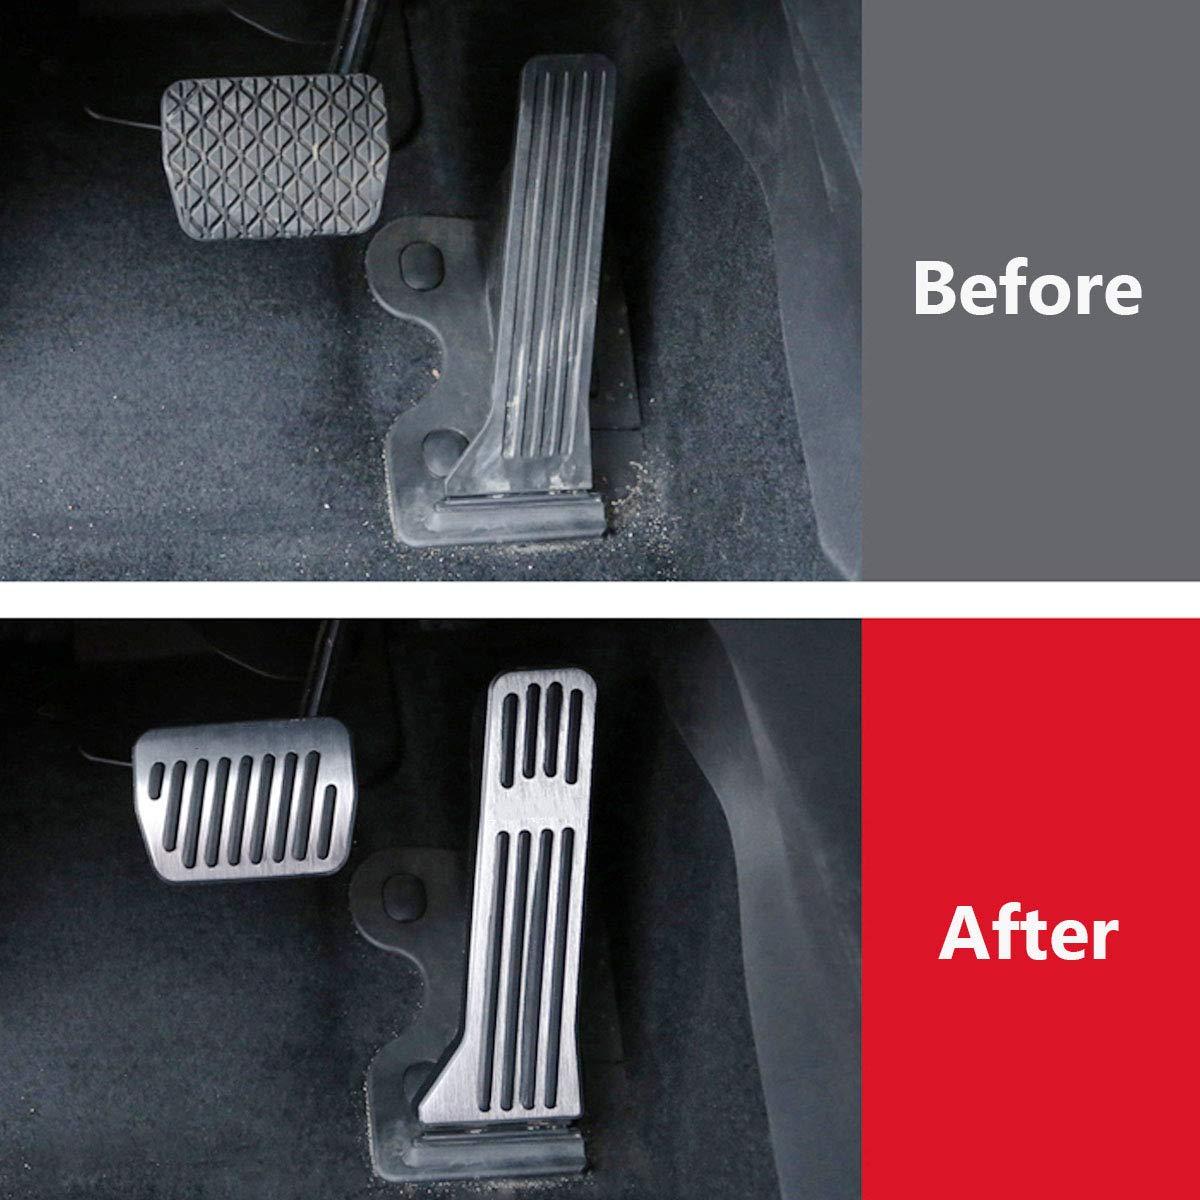 JessicaAlba No Drill Accelerator Brake Gas Pedals Pad Cover Cap Accessories for Mazda 2 3 6 CX-3 CX-5 CX-9